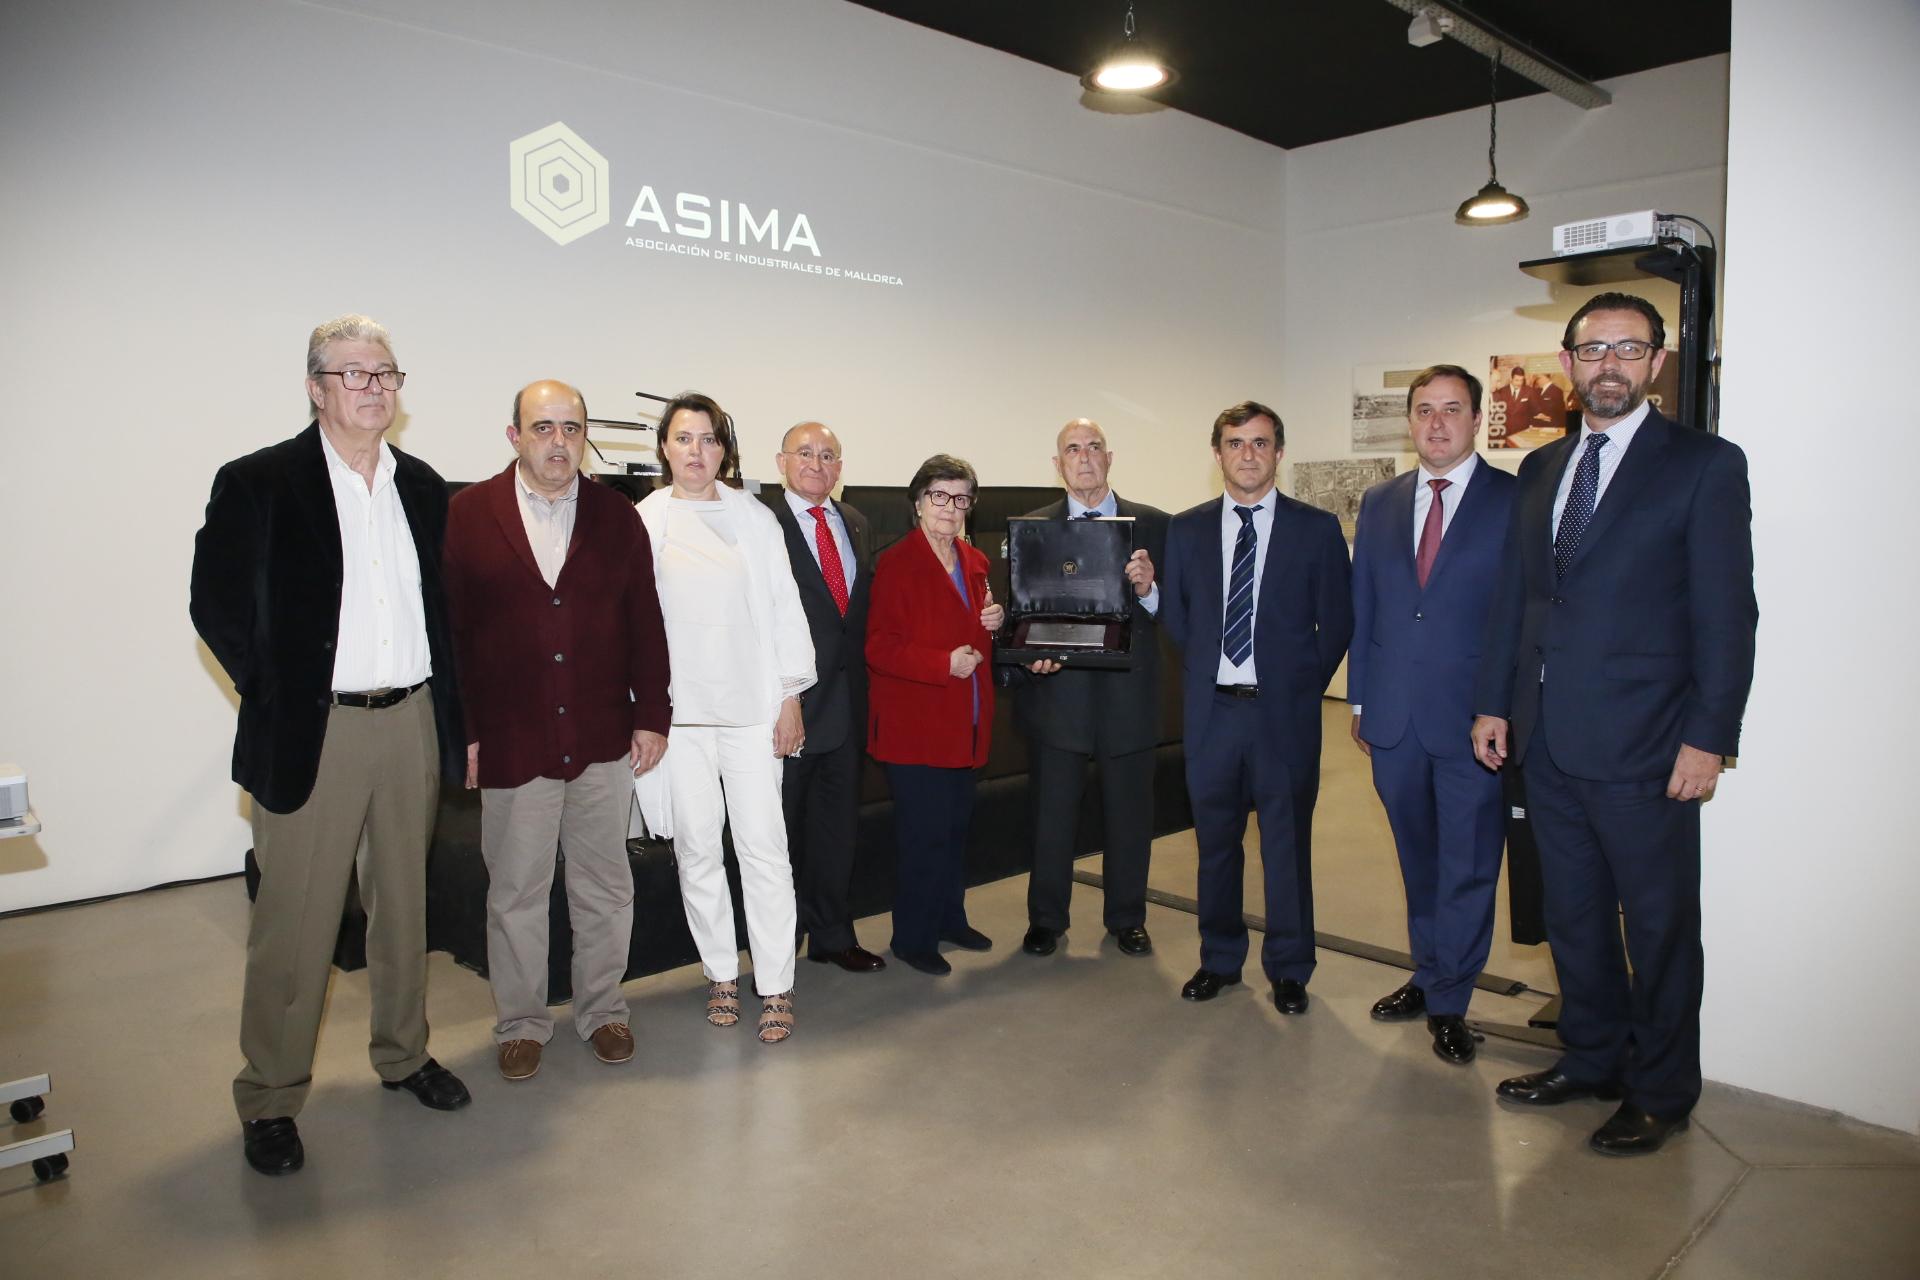 Hijos de Ramon Oliver recibe el reconocimiento de ASIMA por la conmemoración de su centenario